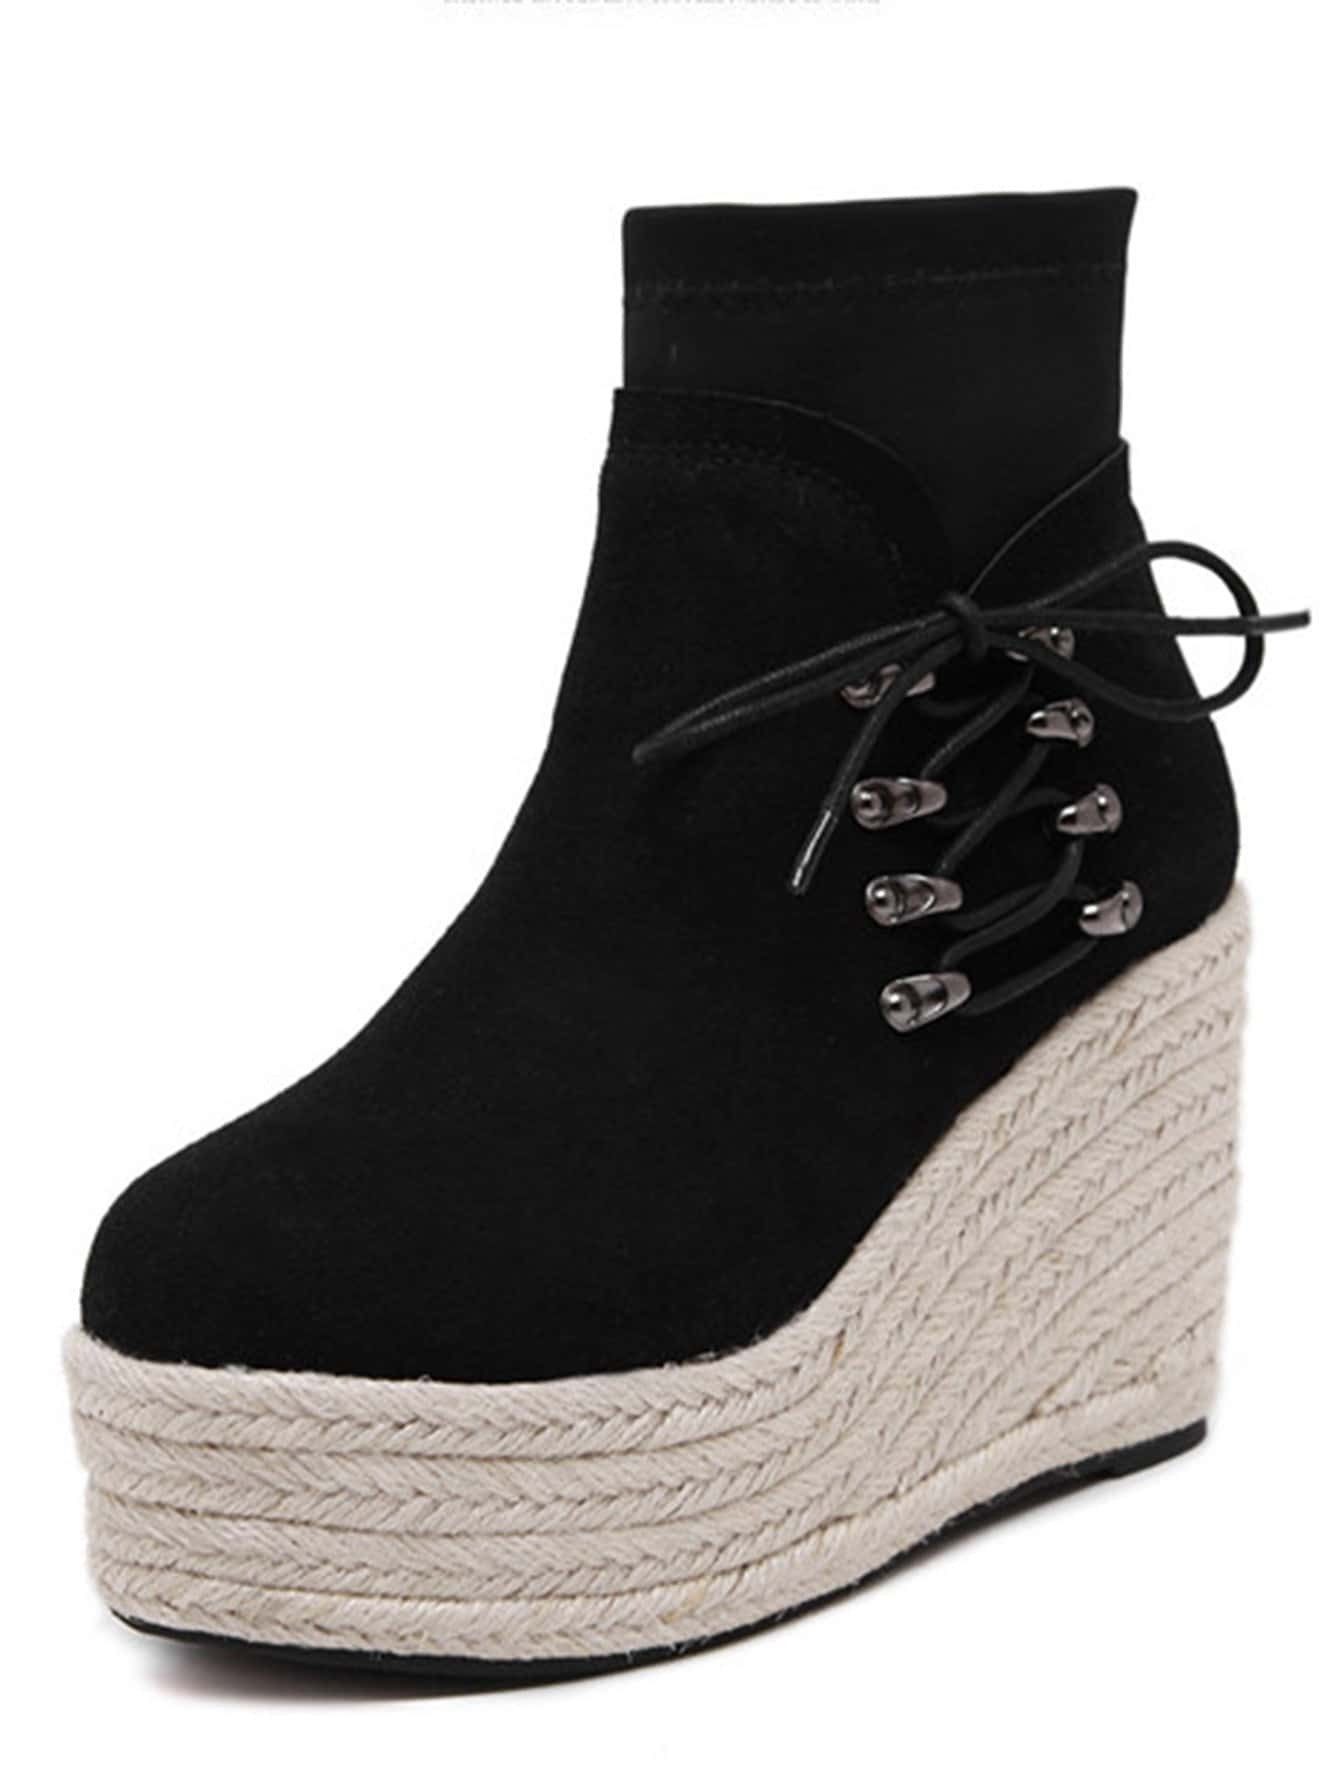 shoes160916807_2